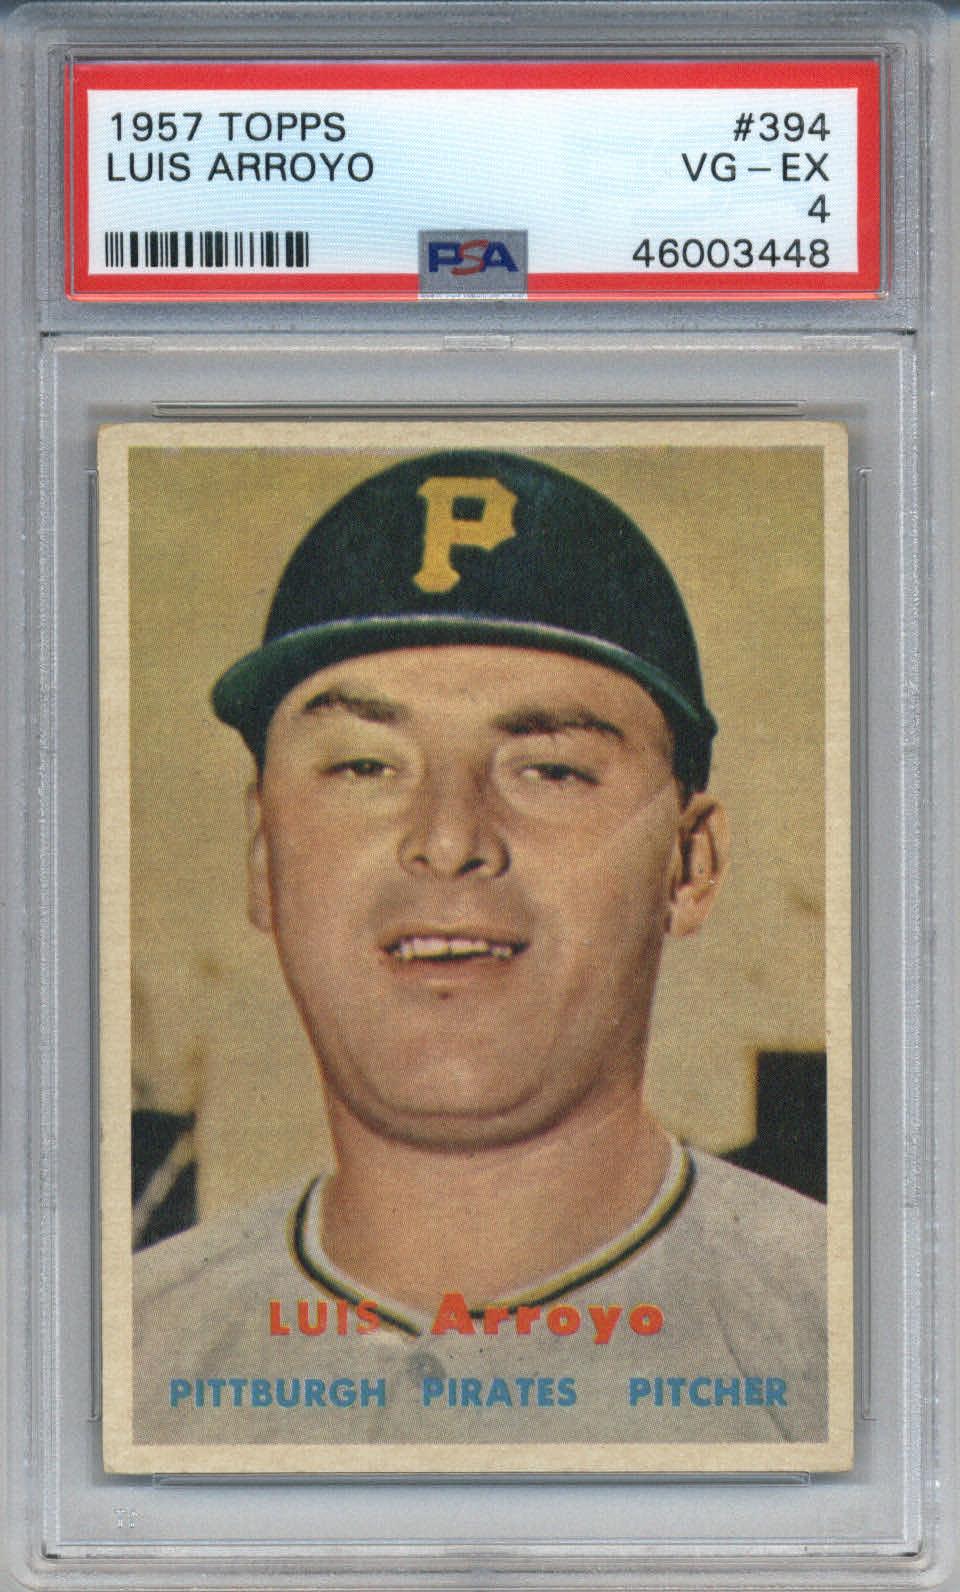 1957 Topps #394 Luis Arroyo PSA 4